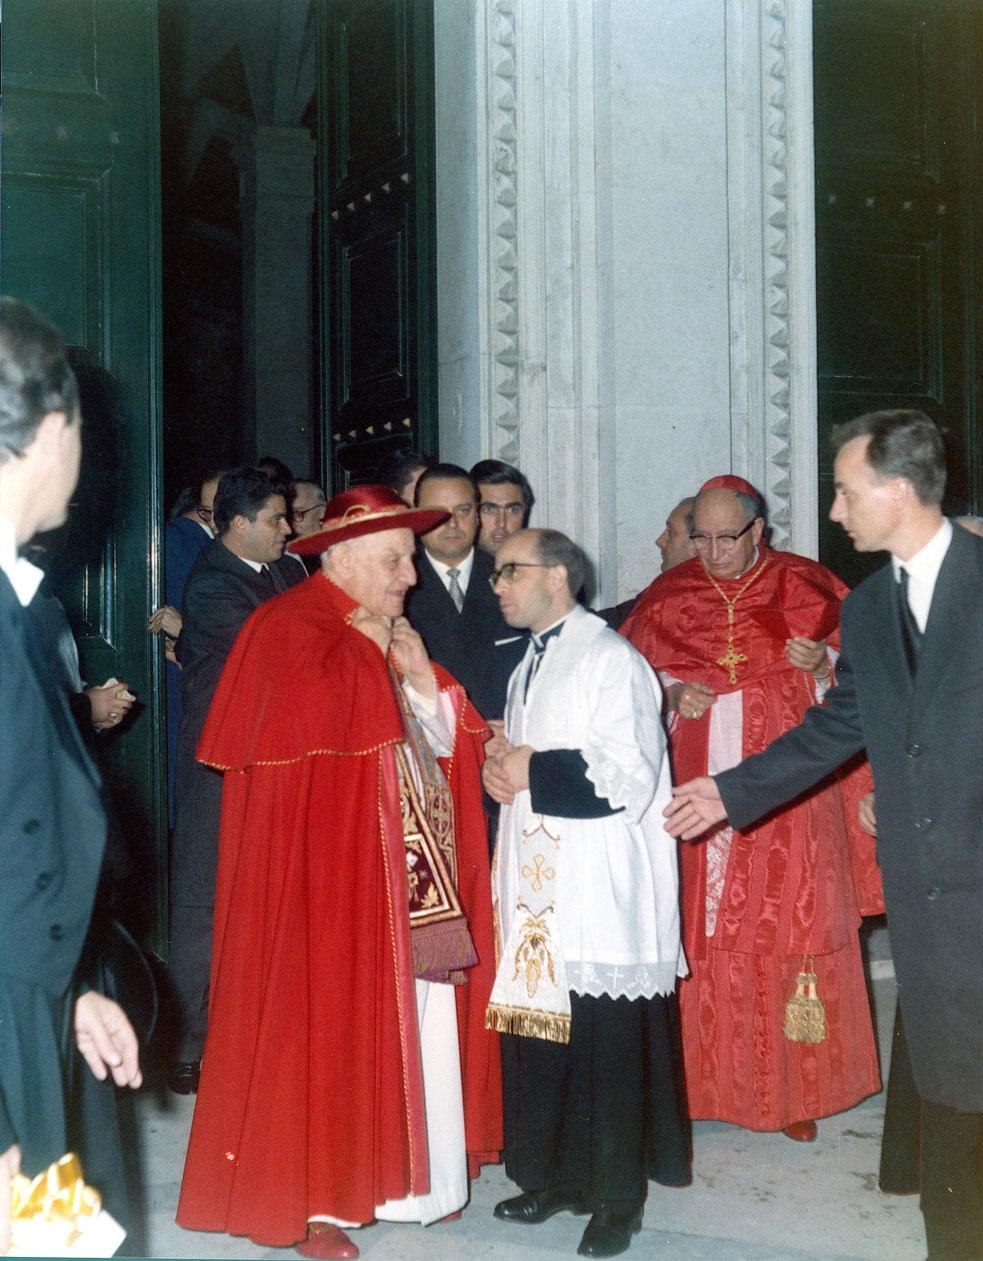 Giovanni XXIII visita la parrocchia di Guadalupe a Roma, 1962.